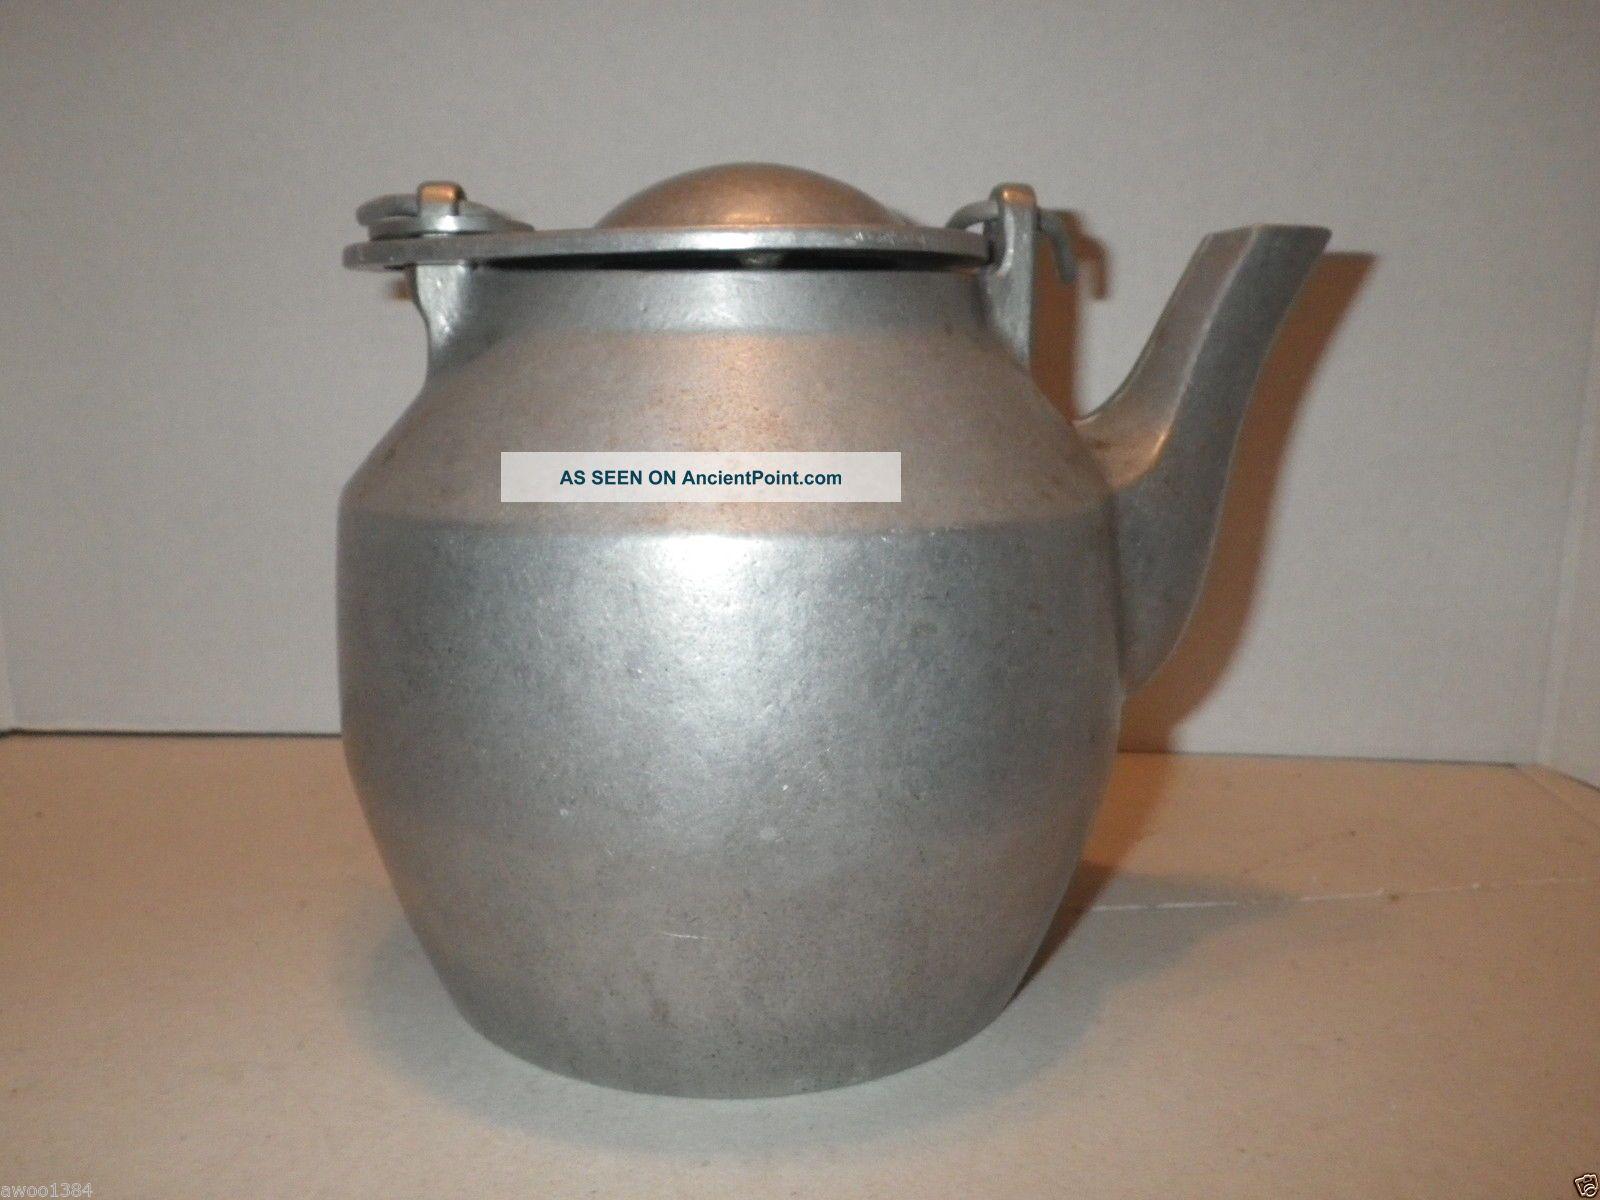 Cast Aluminum Kettle John Wright Teapot Large Stove Humidifier  #614D3F